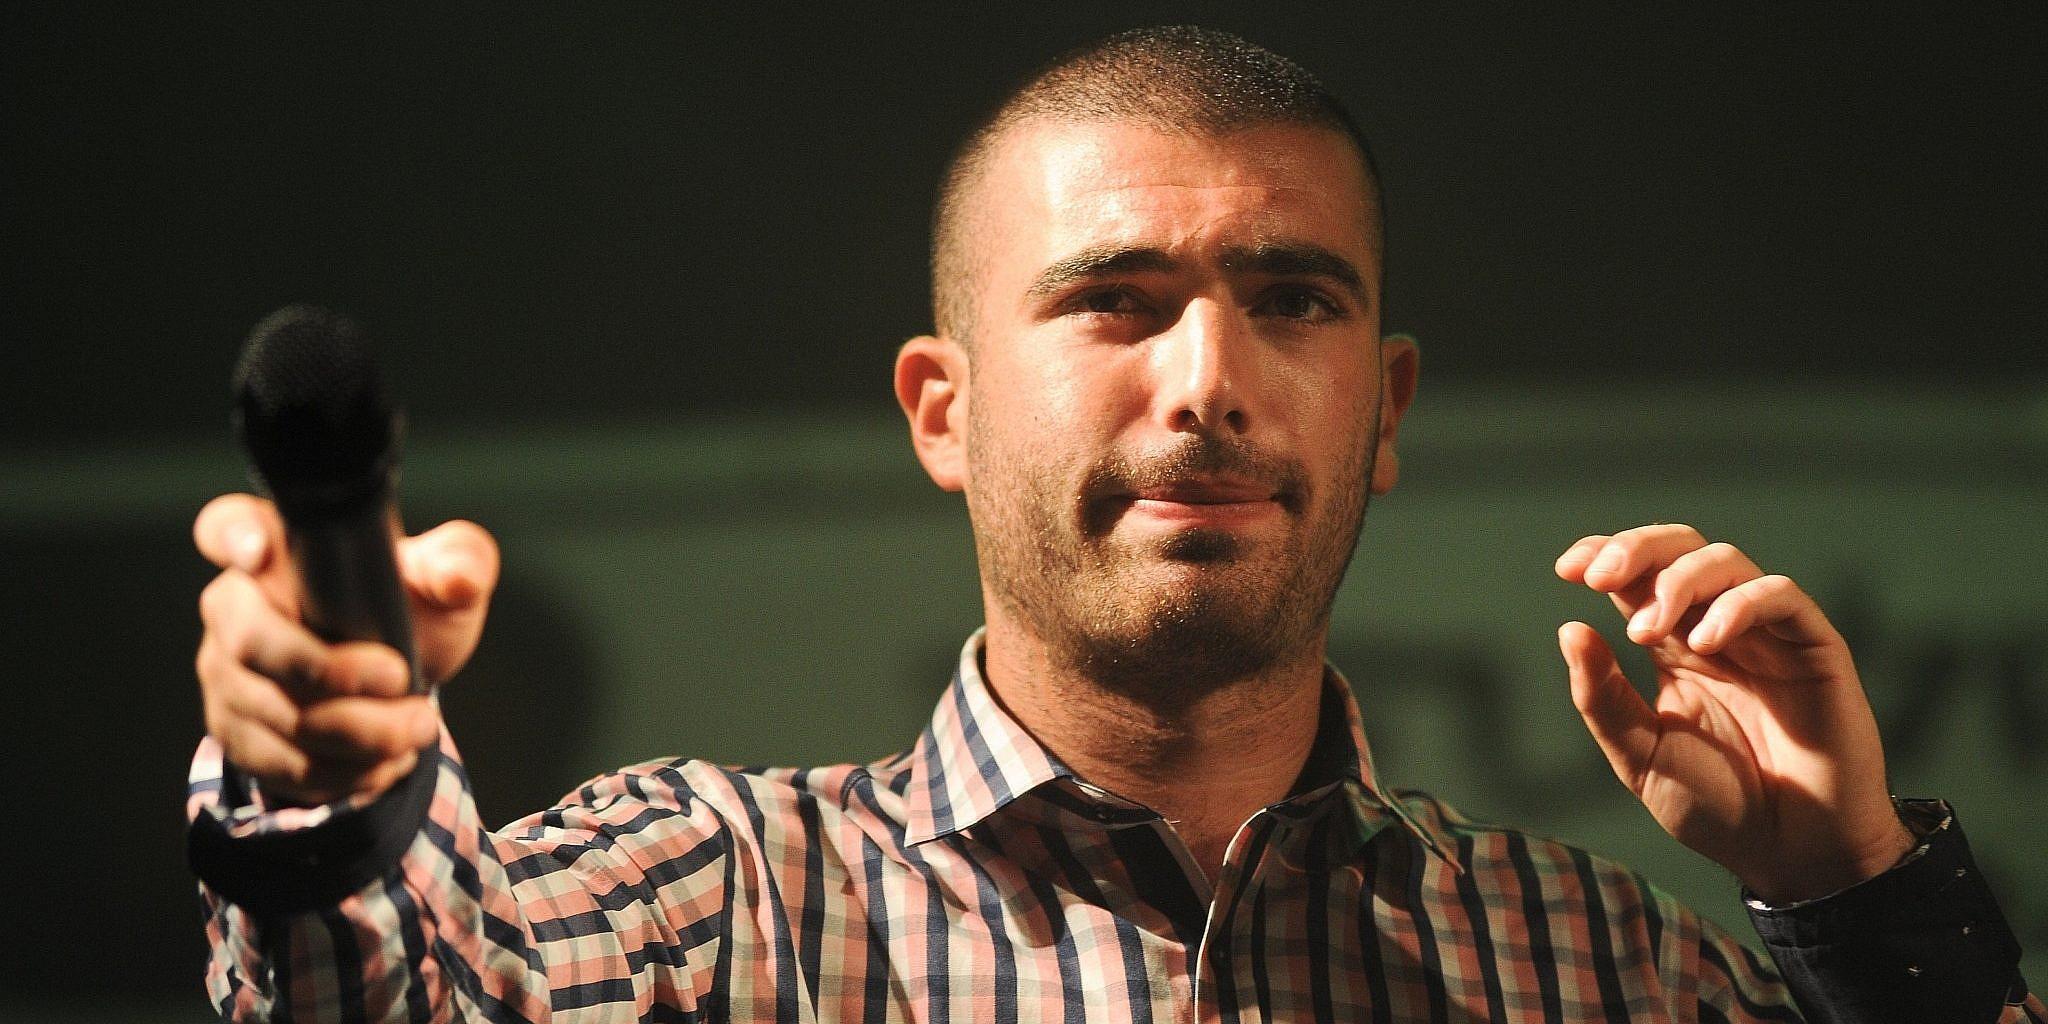 أومير آدام